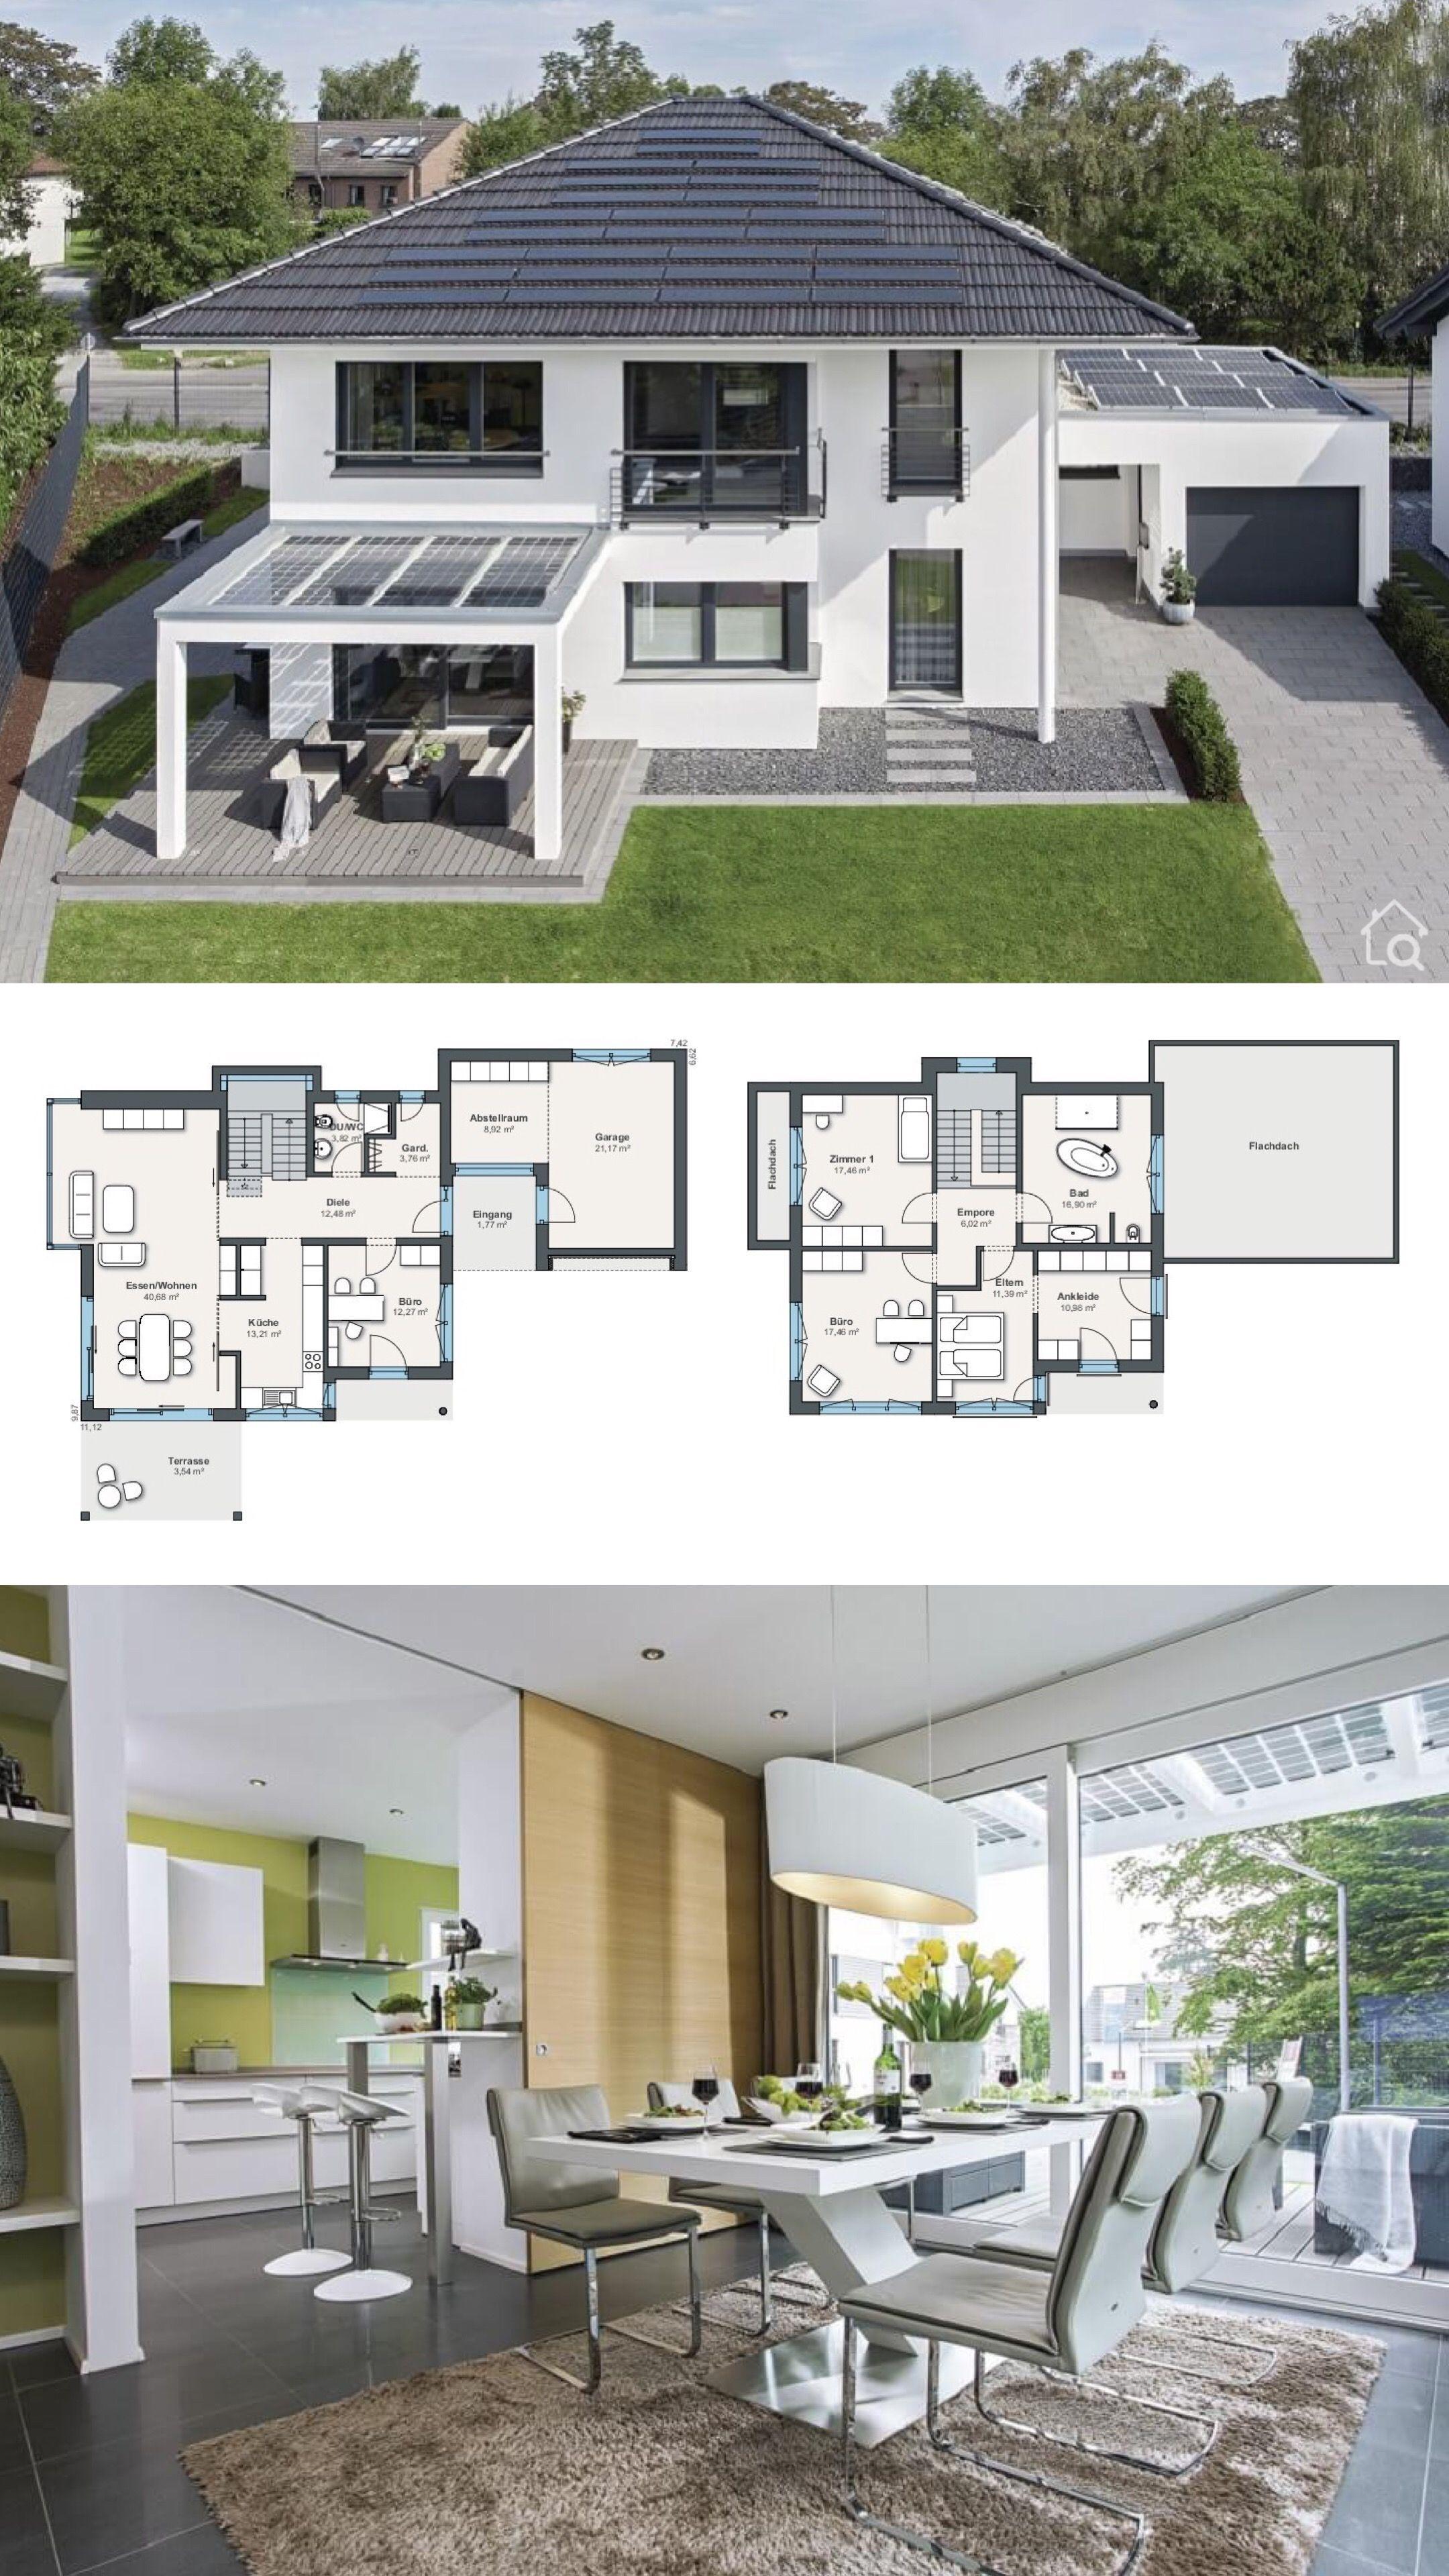 Modernes Einfamilienhaus Grundriss Mit Garage Klassischem Walmdach 5 Zimmer 180 Qm Gross 3 Kinderzimmer Buro Architektur Haus Design Weber Haus Haus Plane